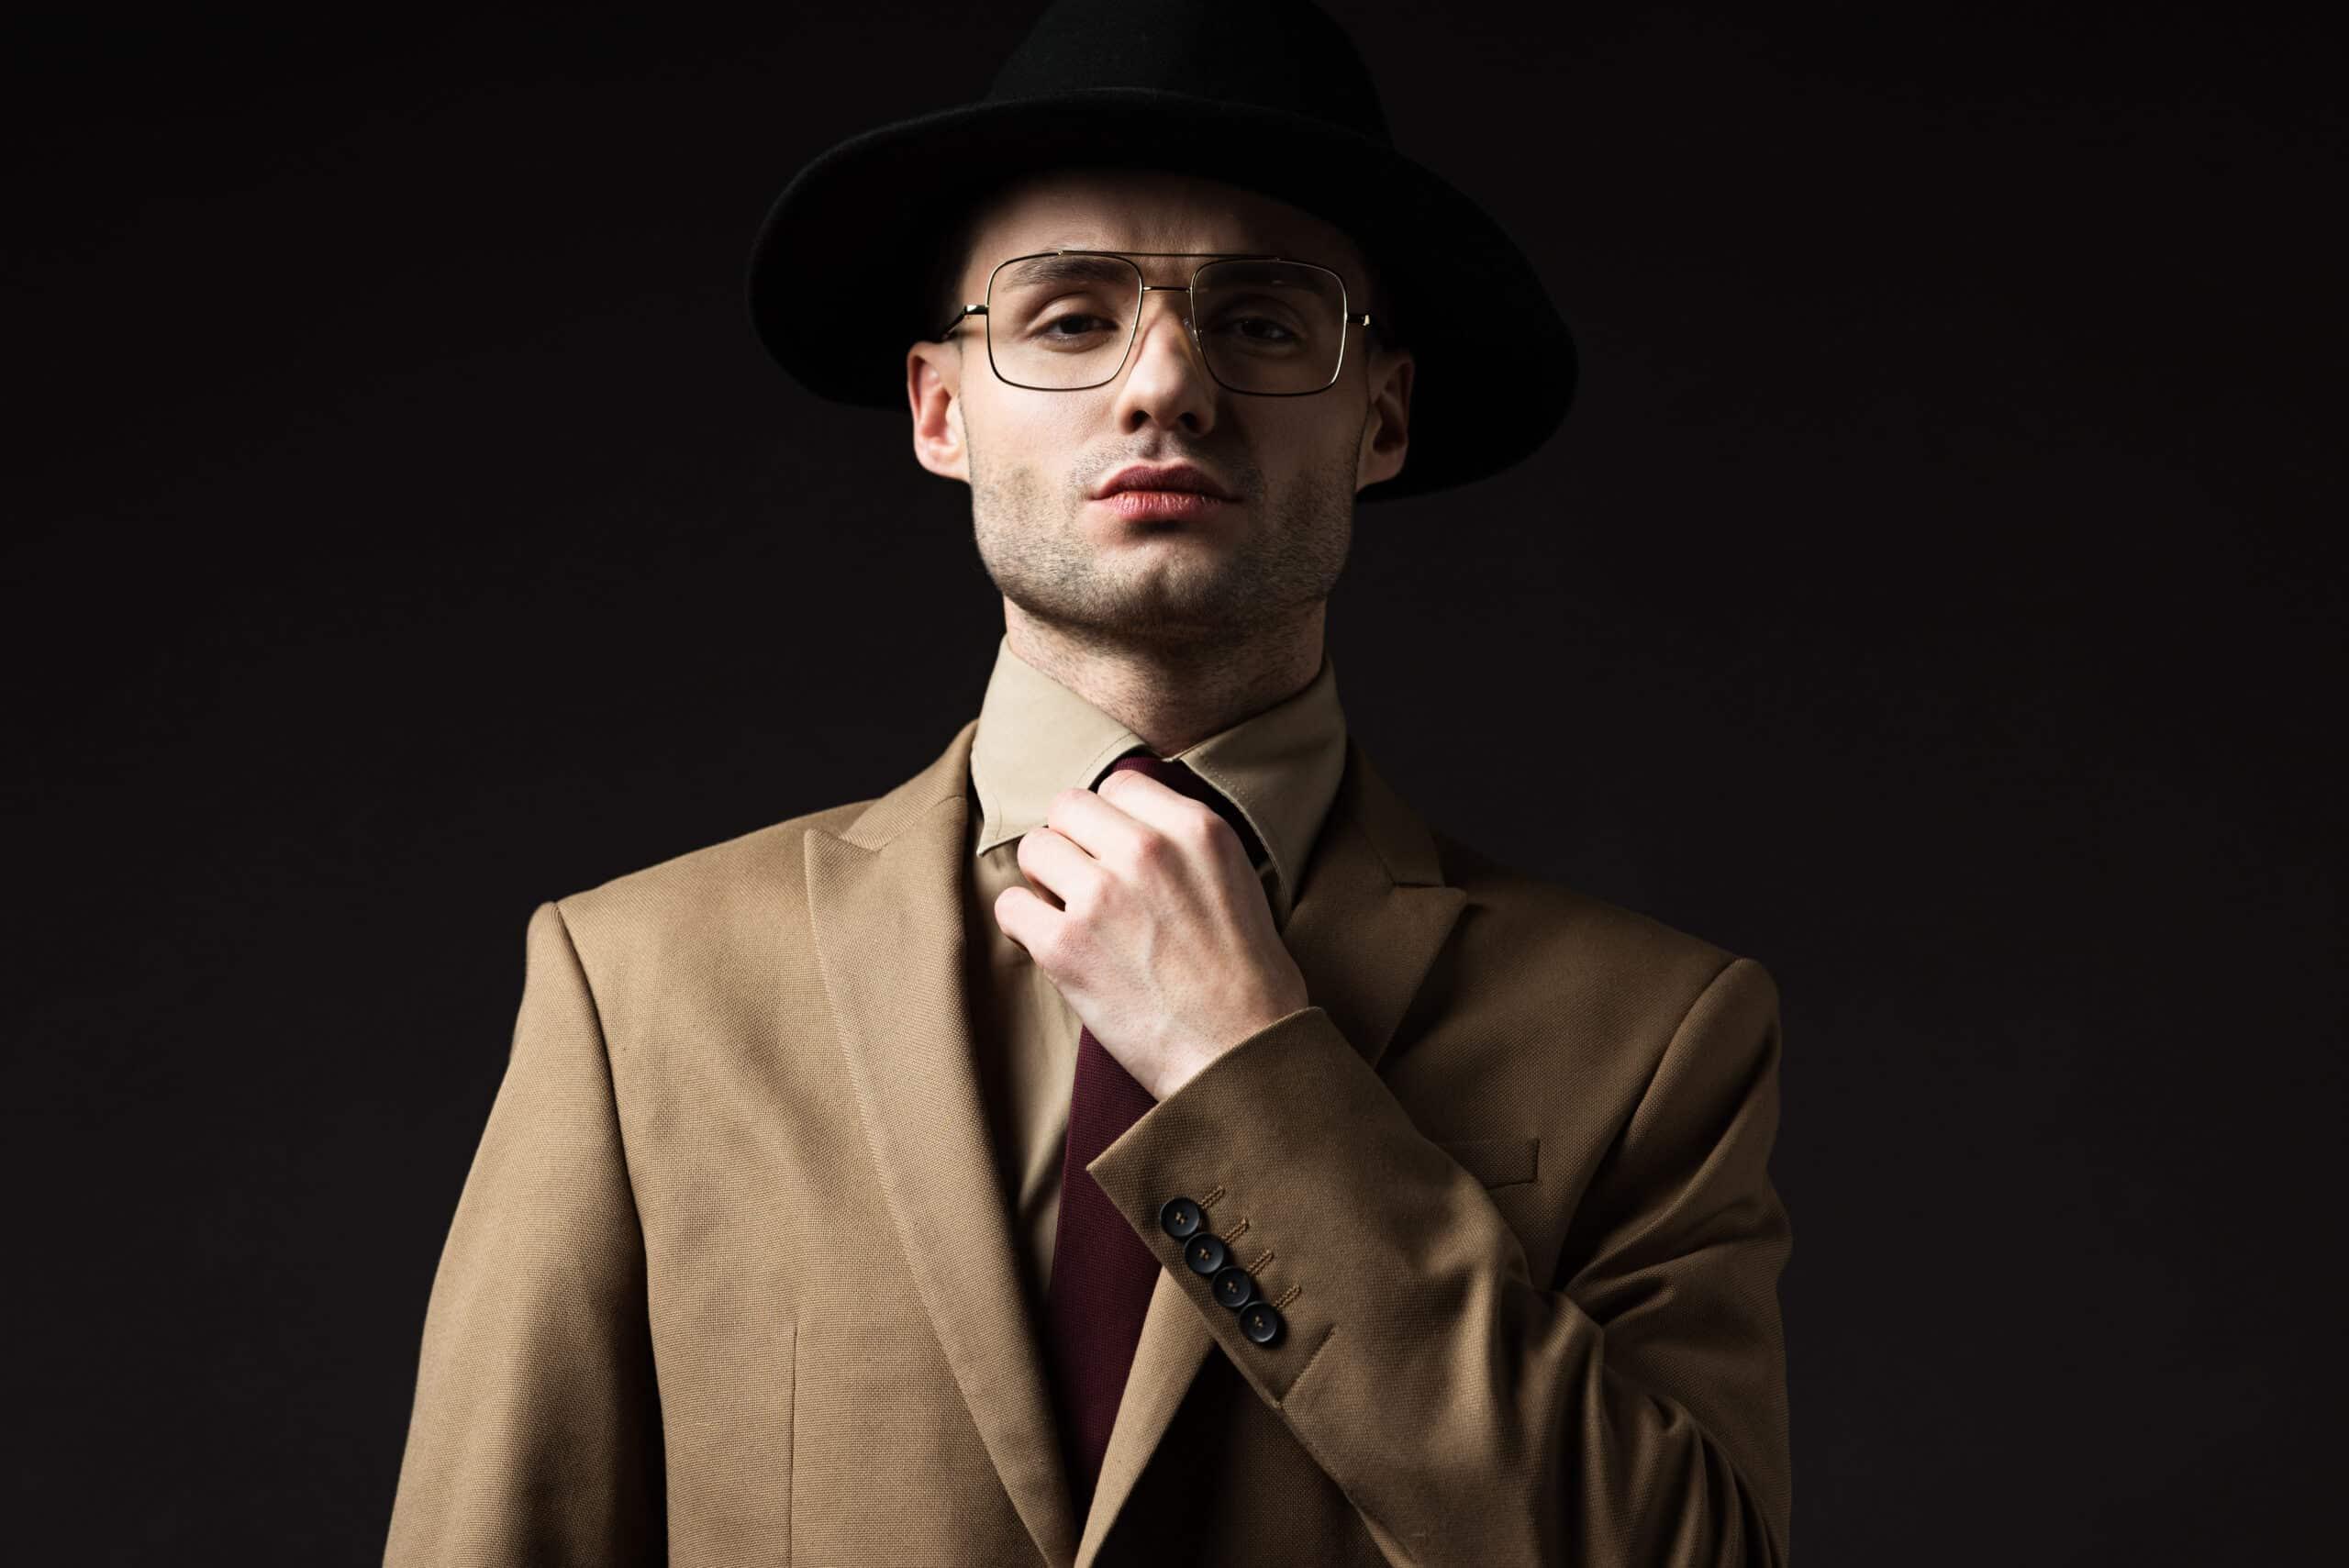 Attraktiver Mann mit Filzhut und Sonnebrille